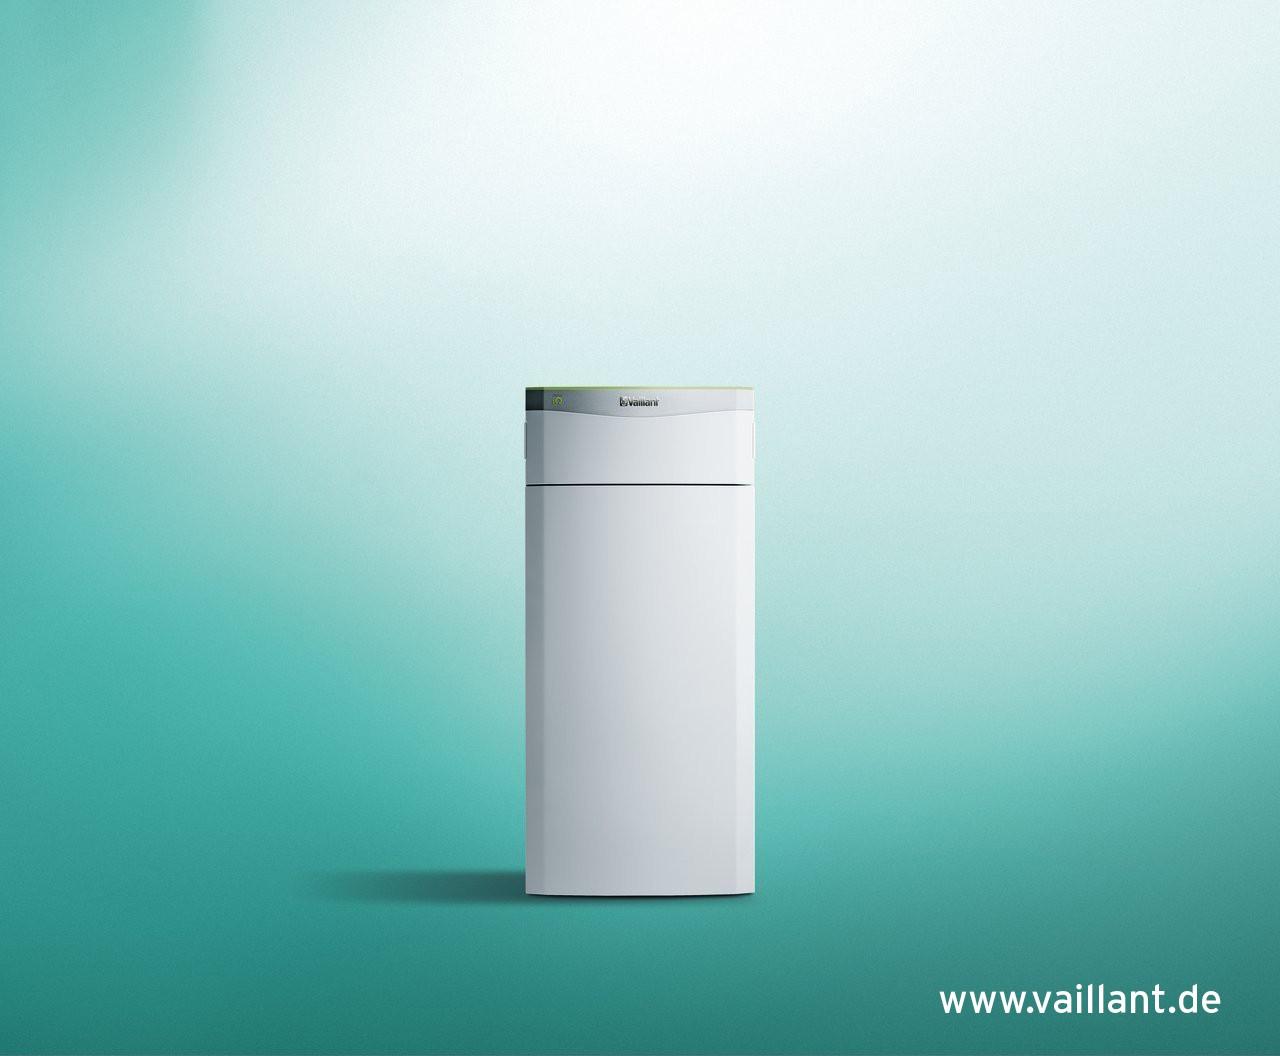 Vaillant VAILLANT flexoTHERM exclusive VWF 157/4